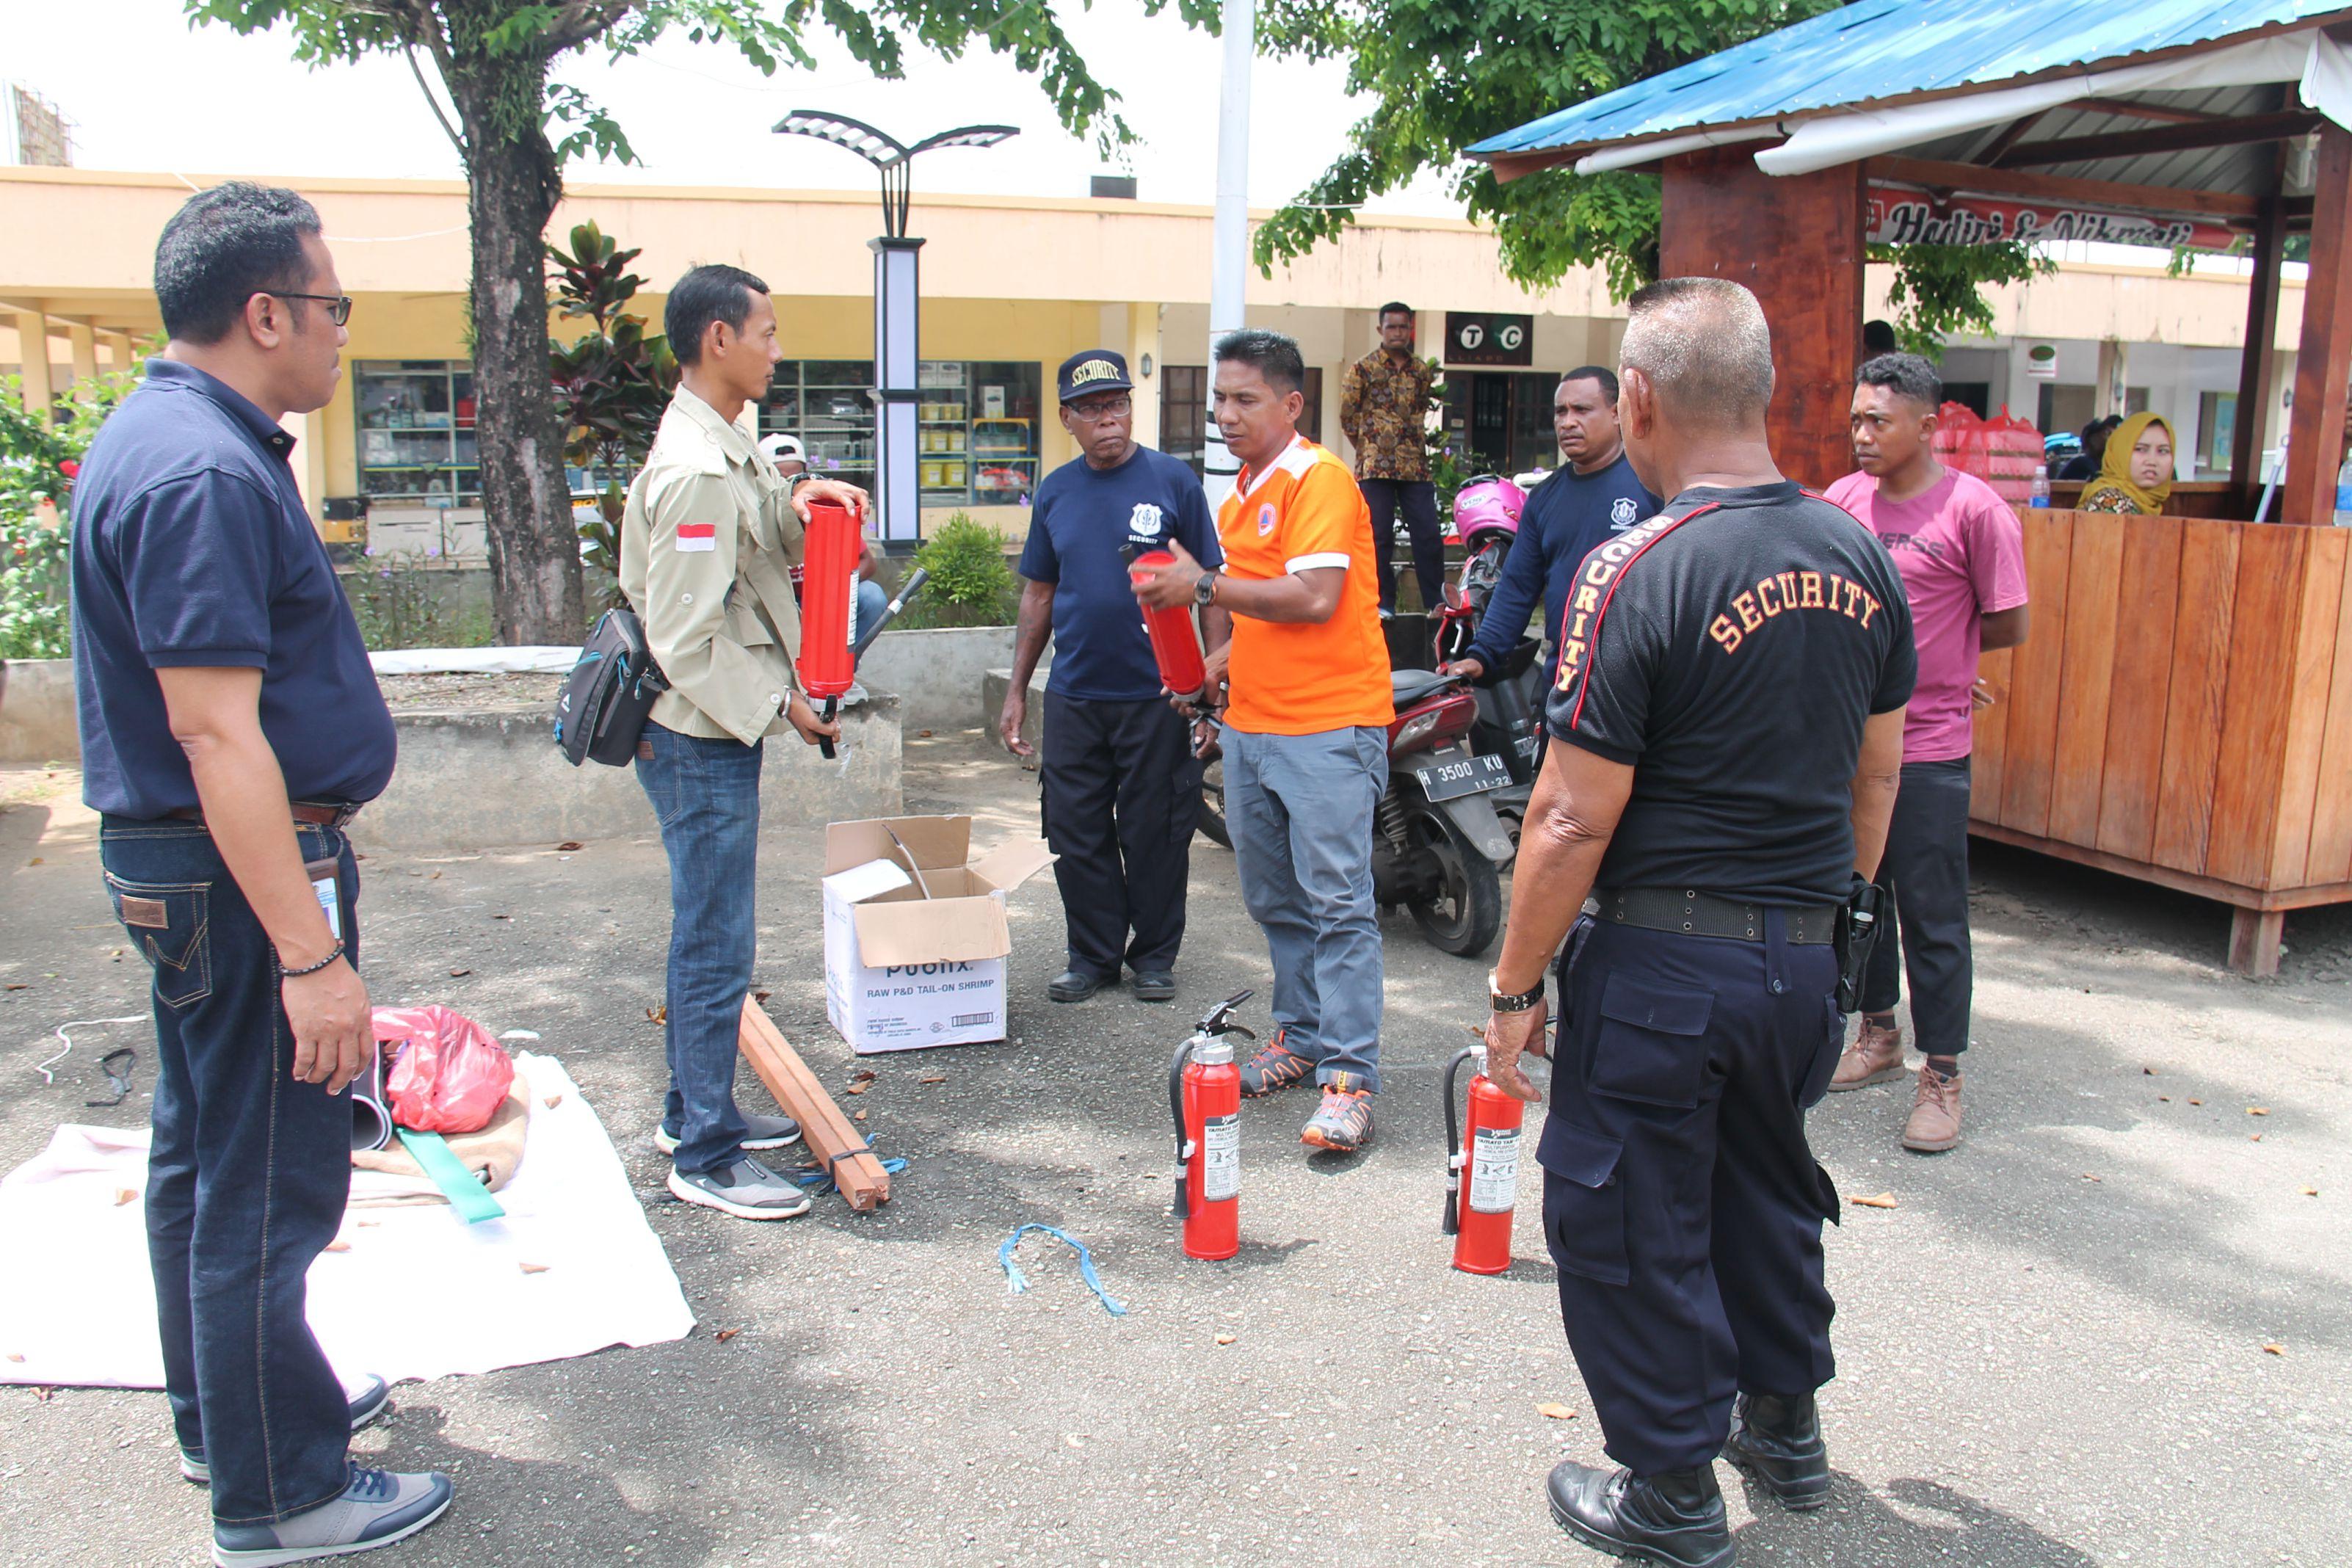 Simulasi dan Pelatihan Kesiapsiagaan Bencana 2019 Wilayah Jayapura